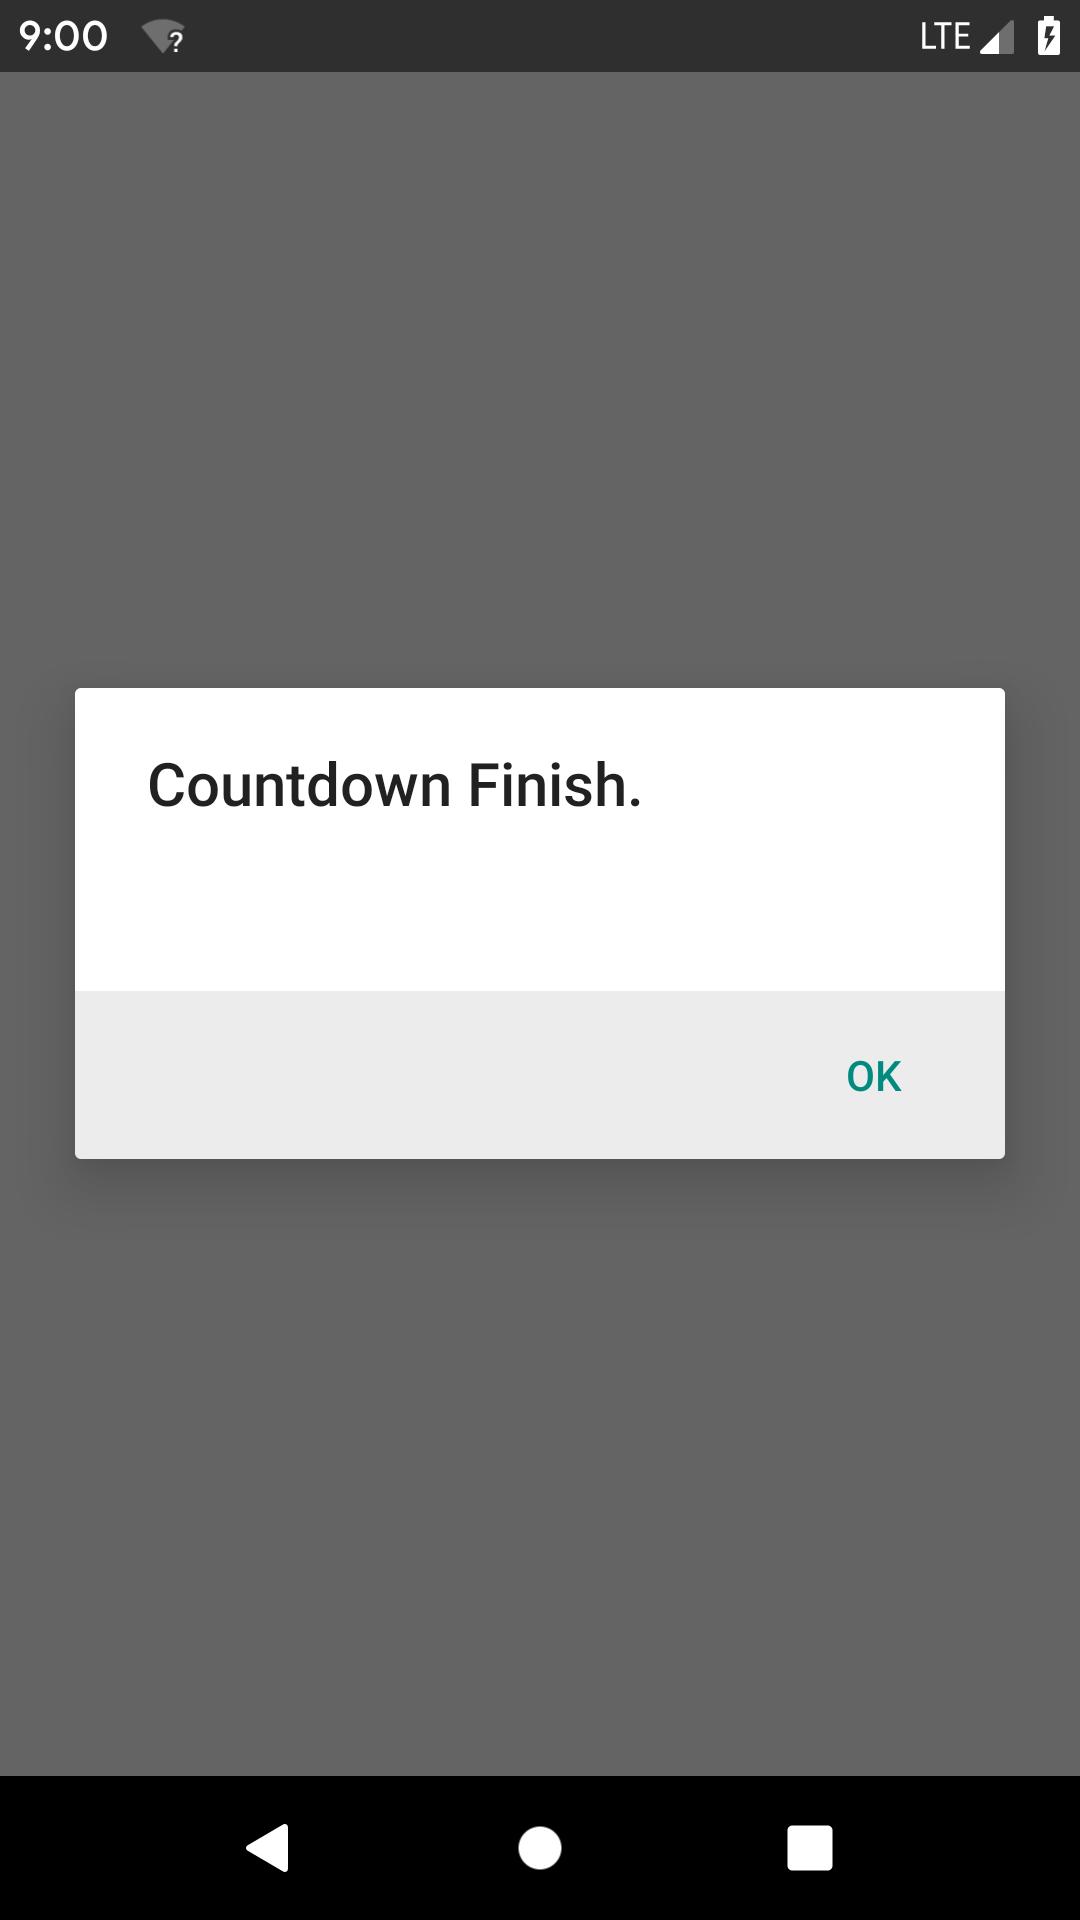 Countdown Animation Android Github